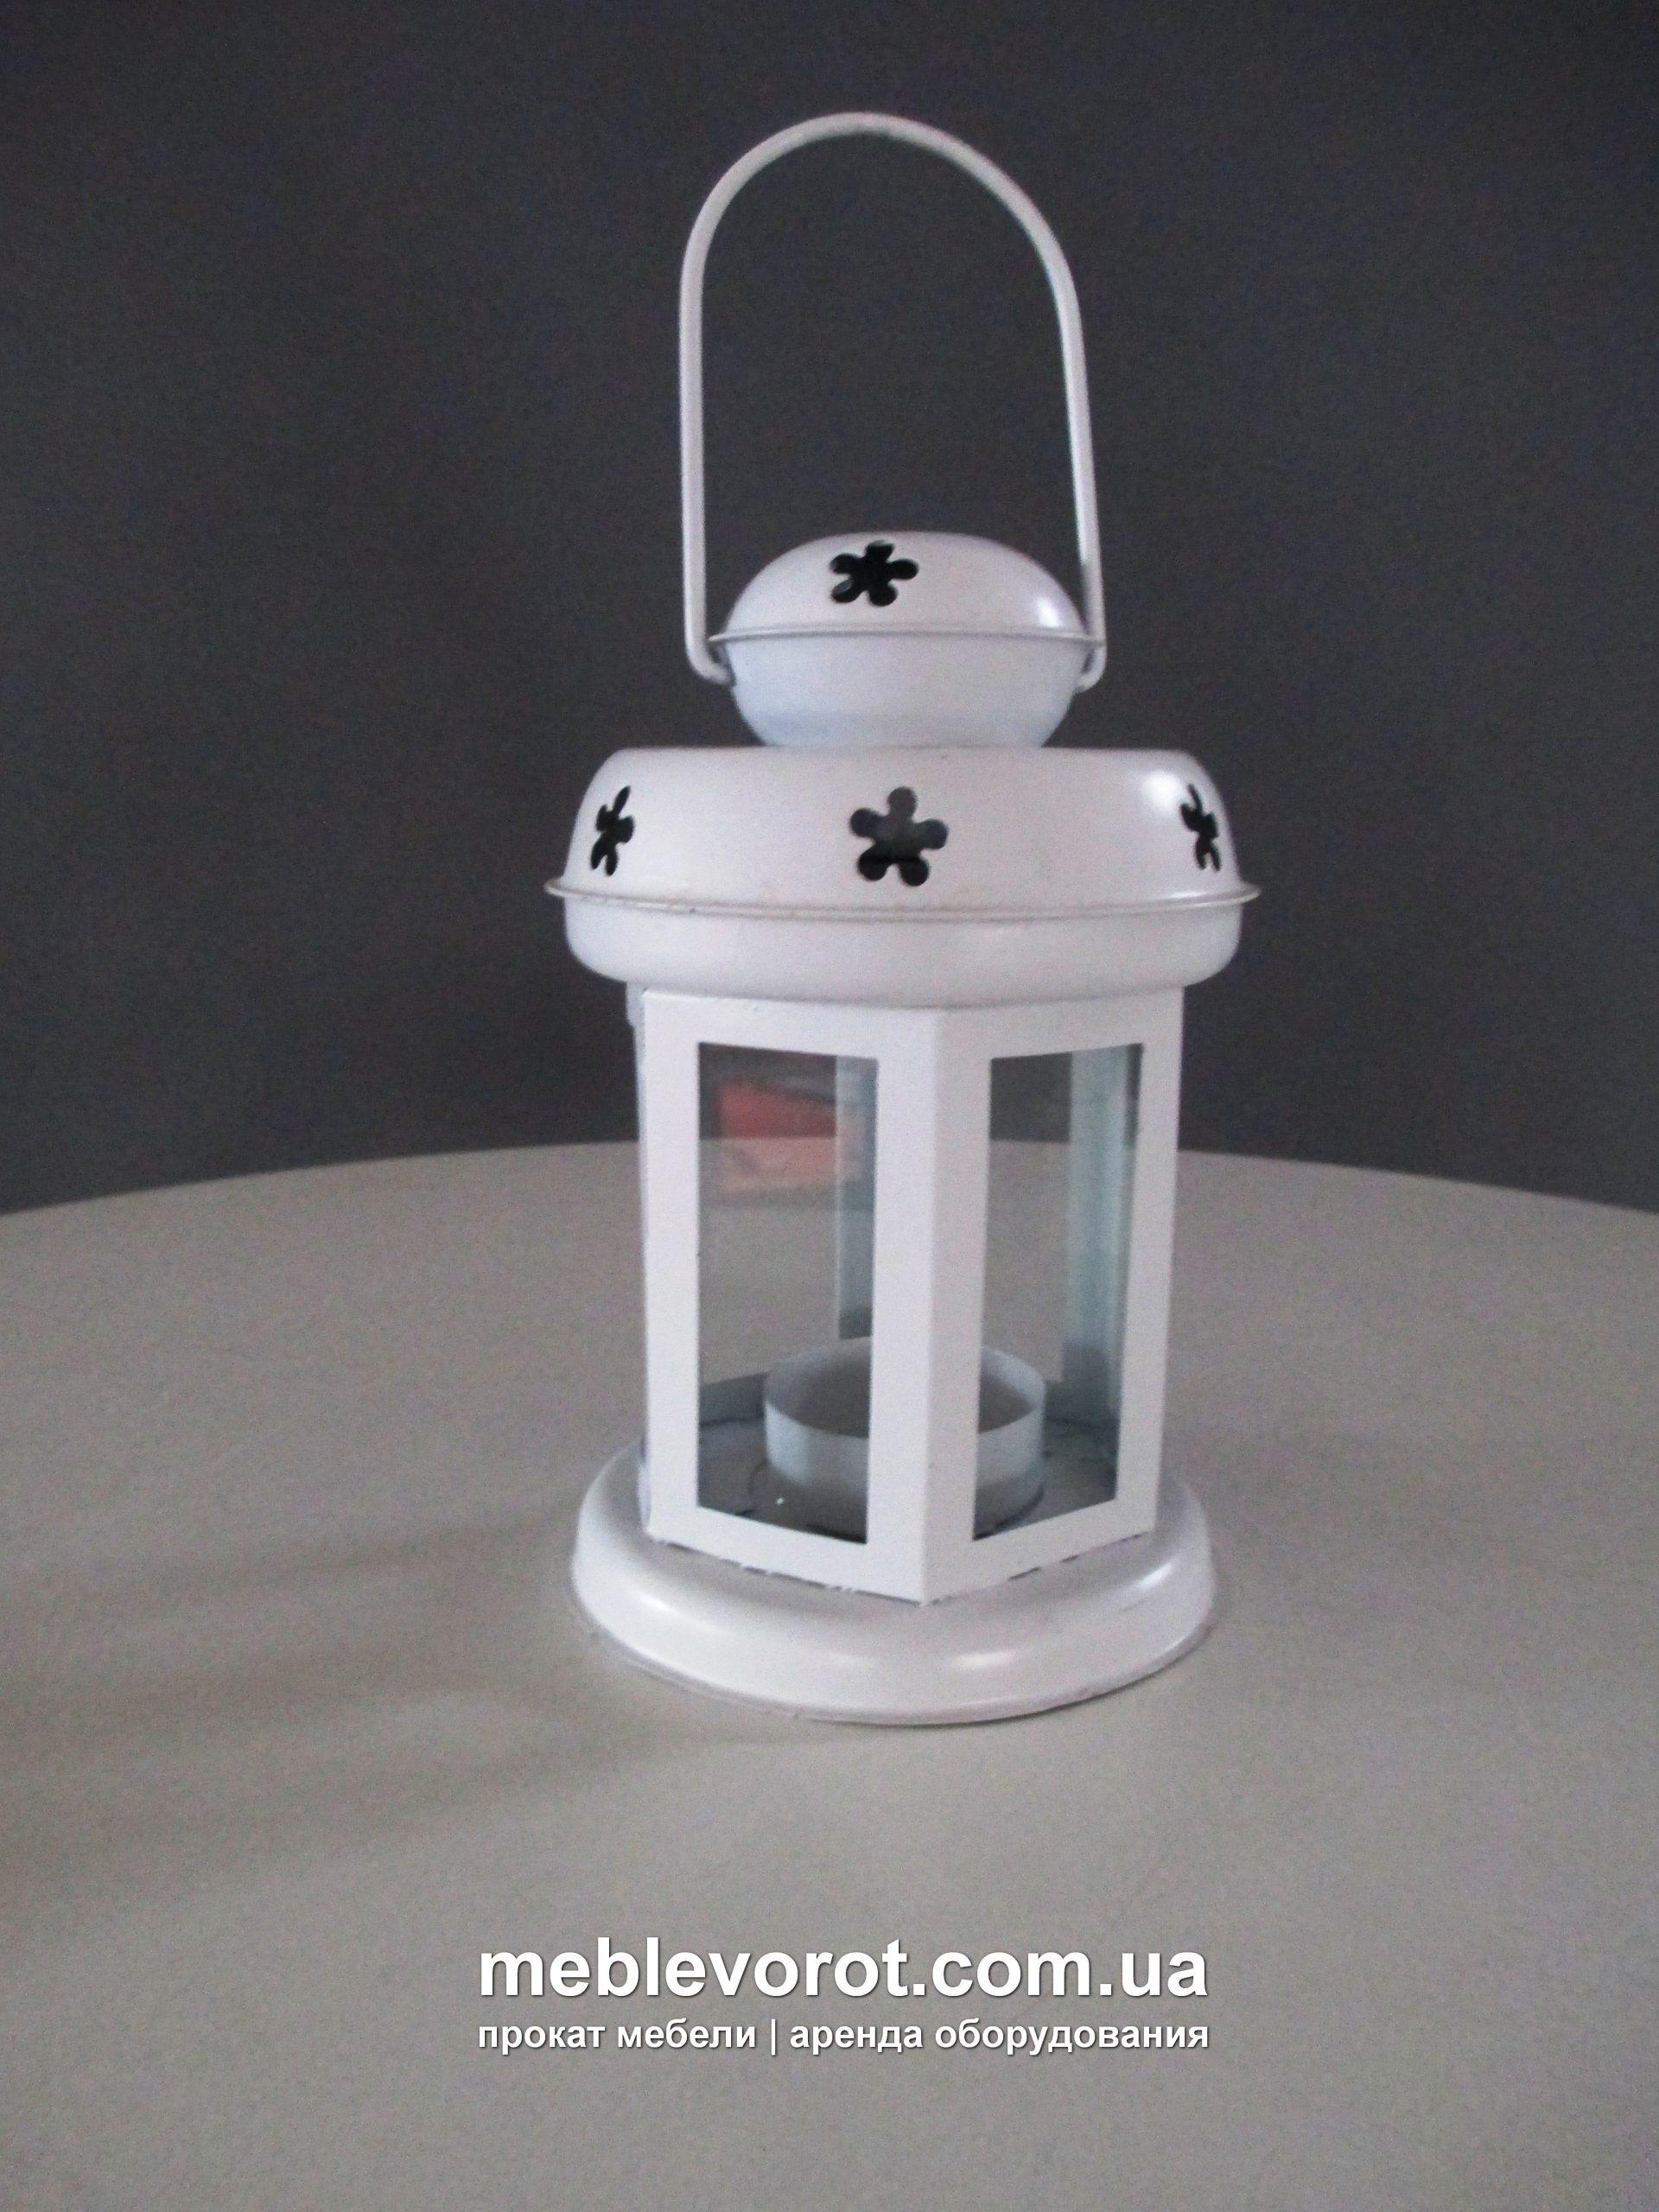 Аренда (прокат) декоративный светильник лампада металлический по 100 грн/сутки